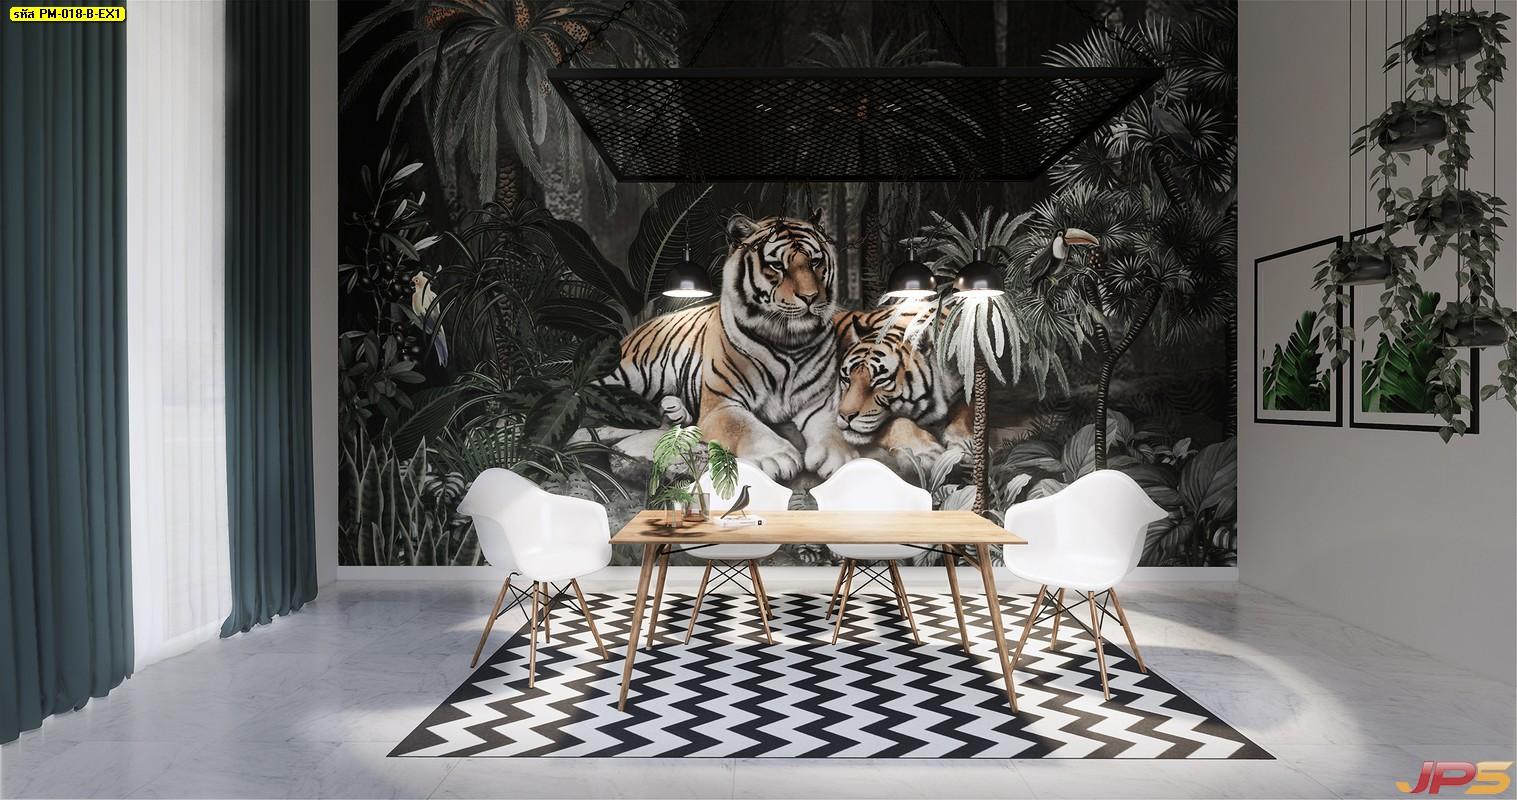 วอลเปเปอร์สั่งพิมพ์ตามแบบ ลายเสือคู่ในสวนป่า